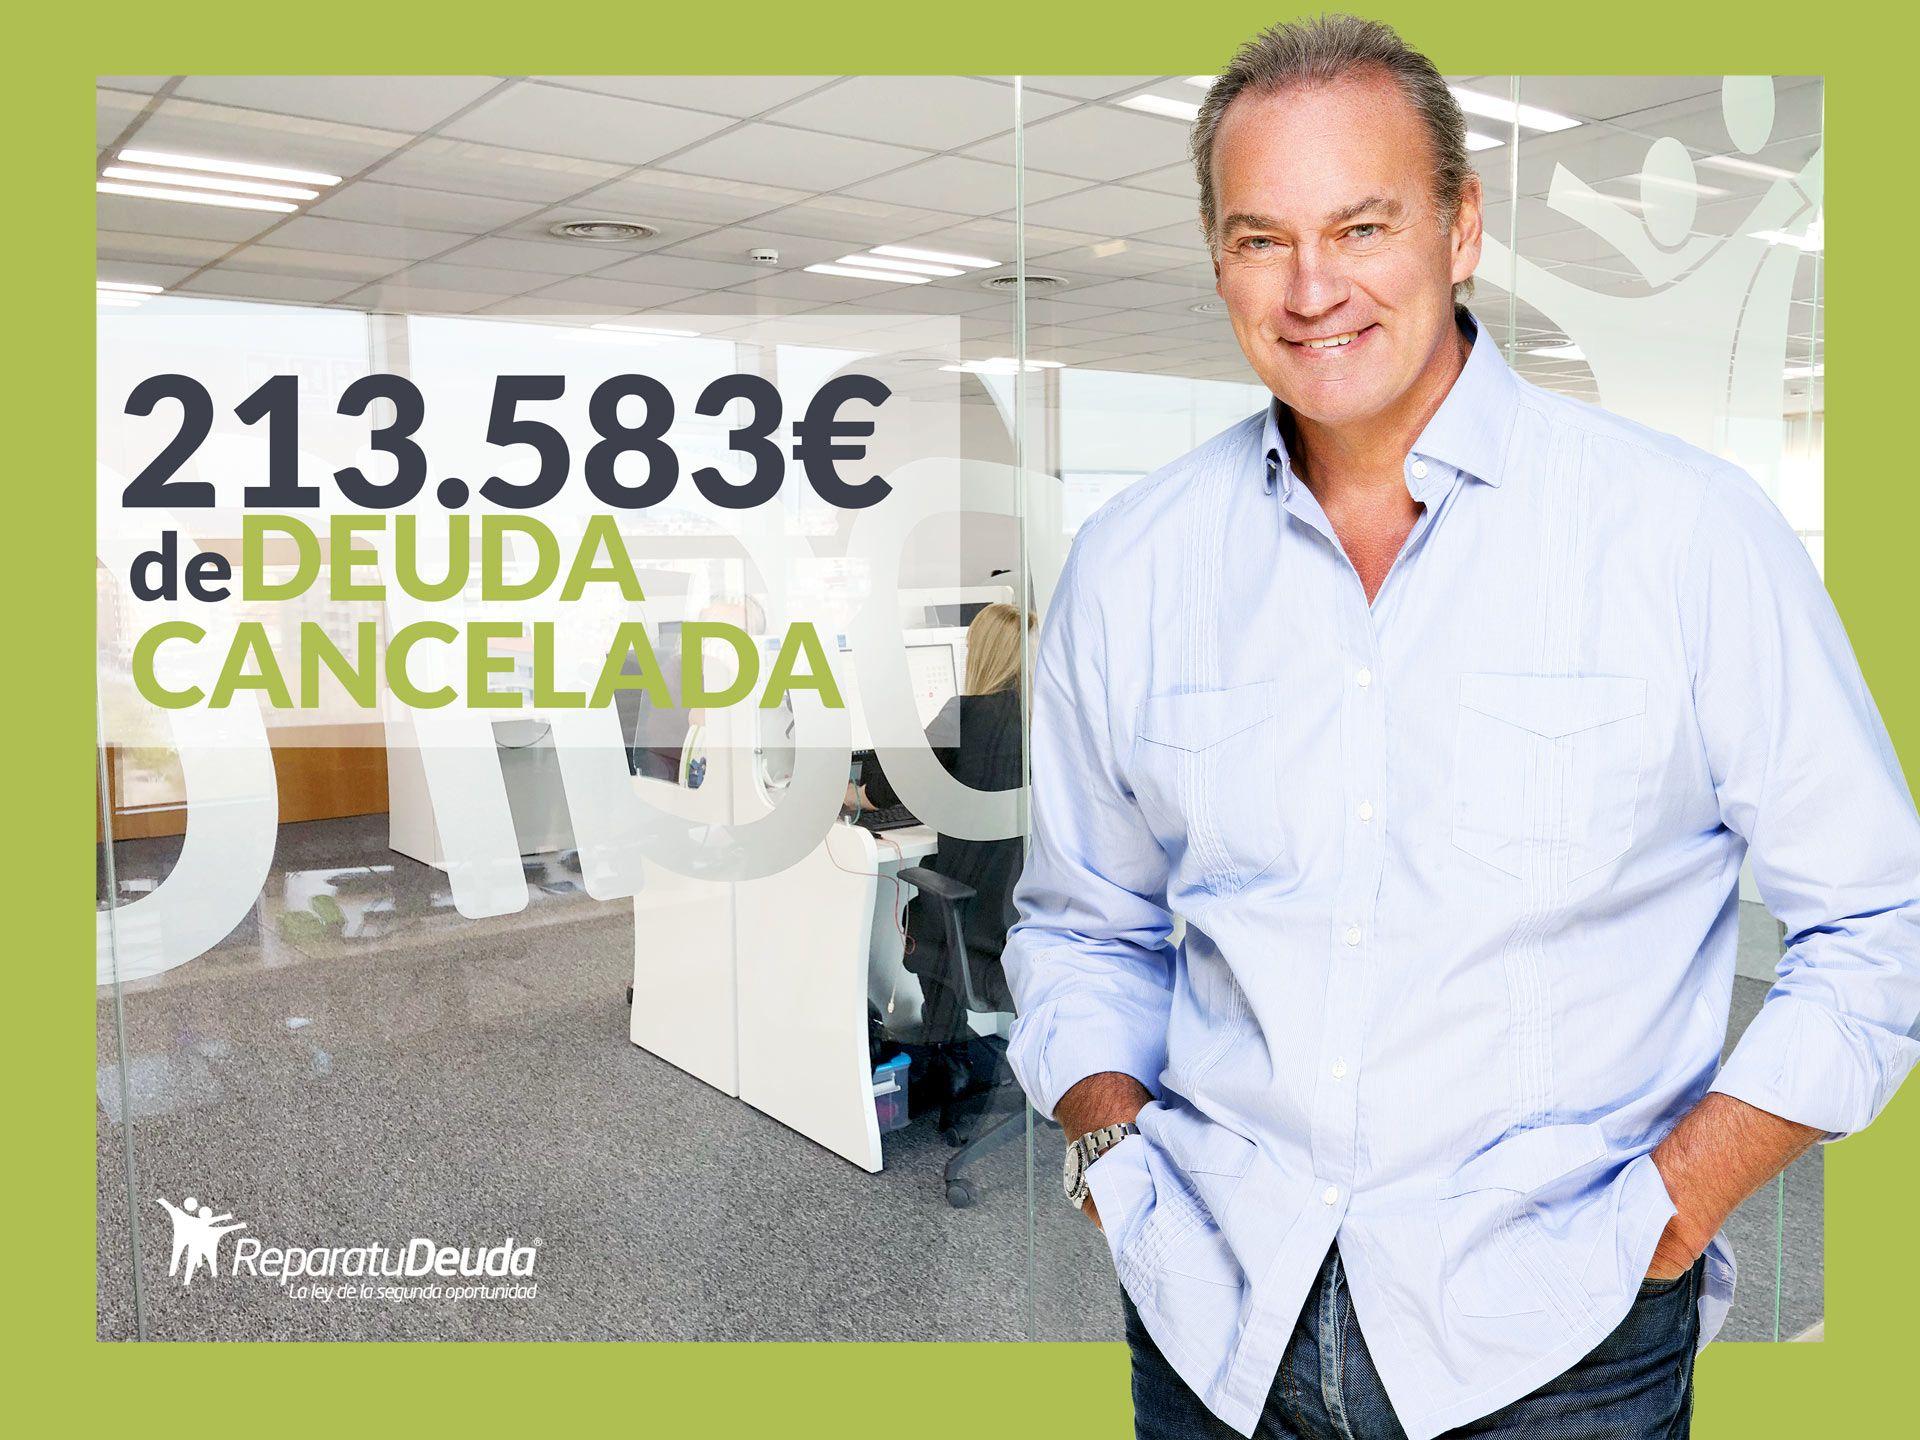 Repara tu Deuda cancela 213.583 ? en Santa Coloma de Gramanet (Barcelona) con la Ley de Segunda Oportunidad